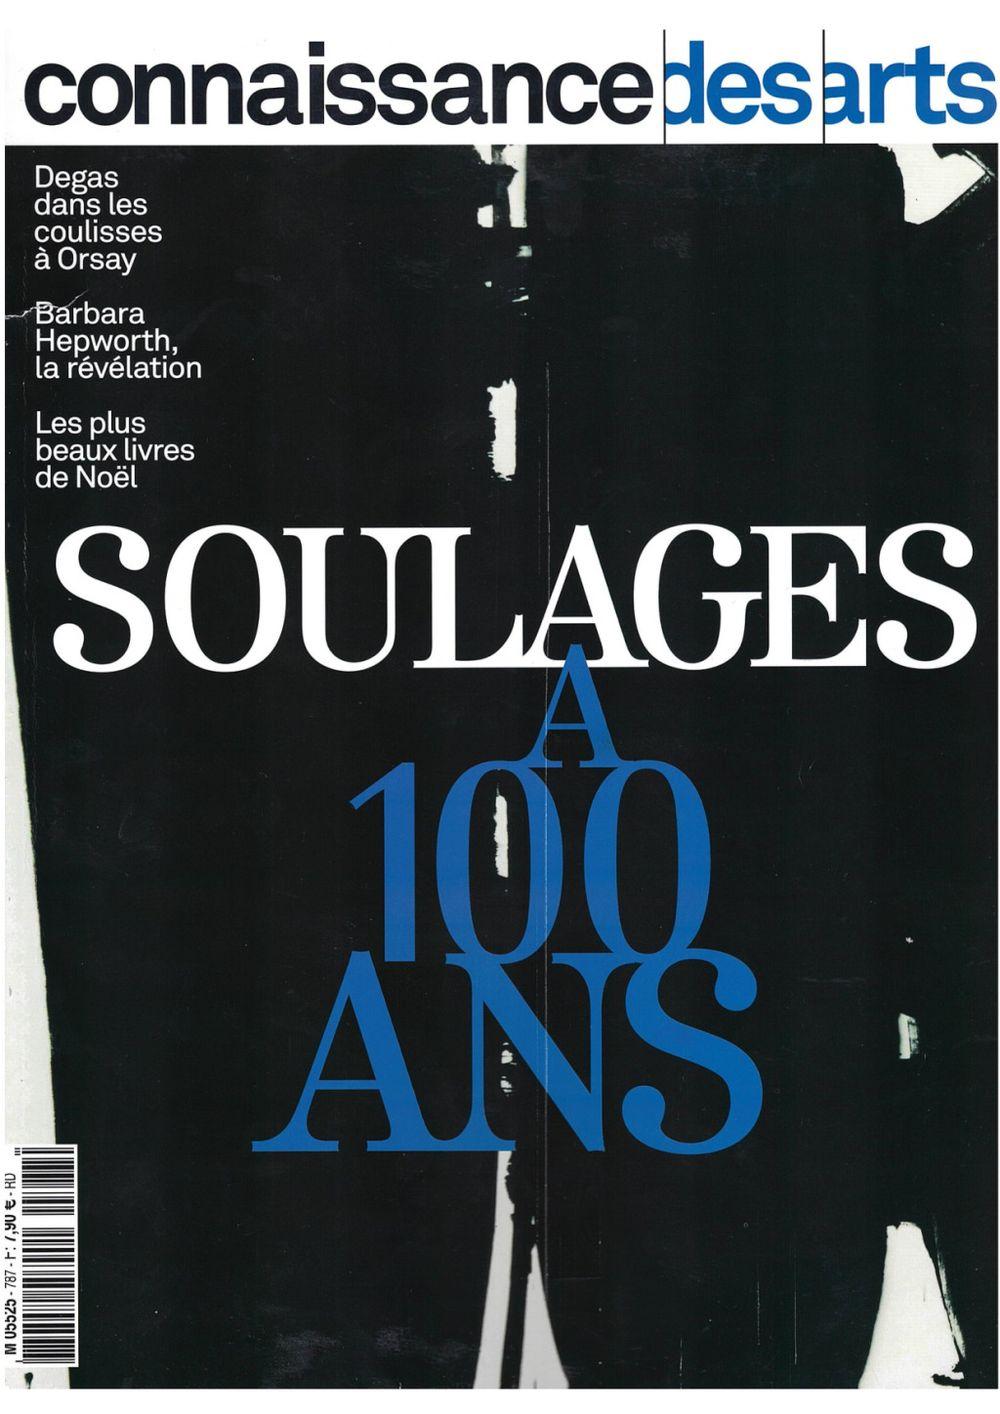 Connaissance des Arts   Pierre SOULAGES